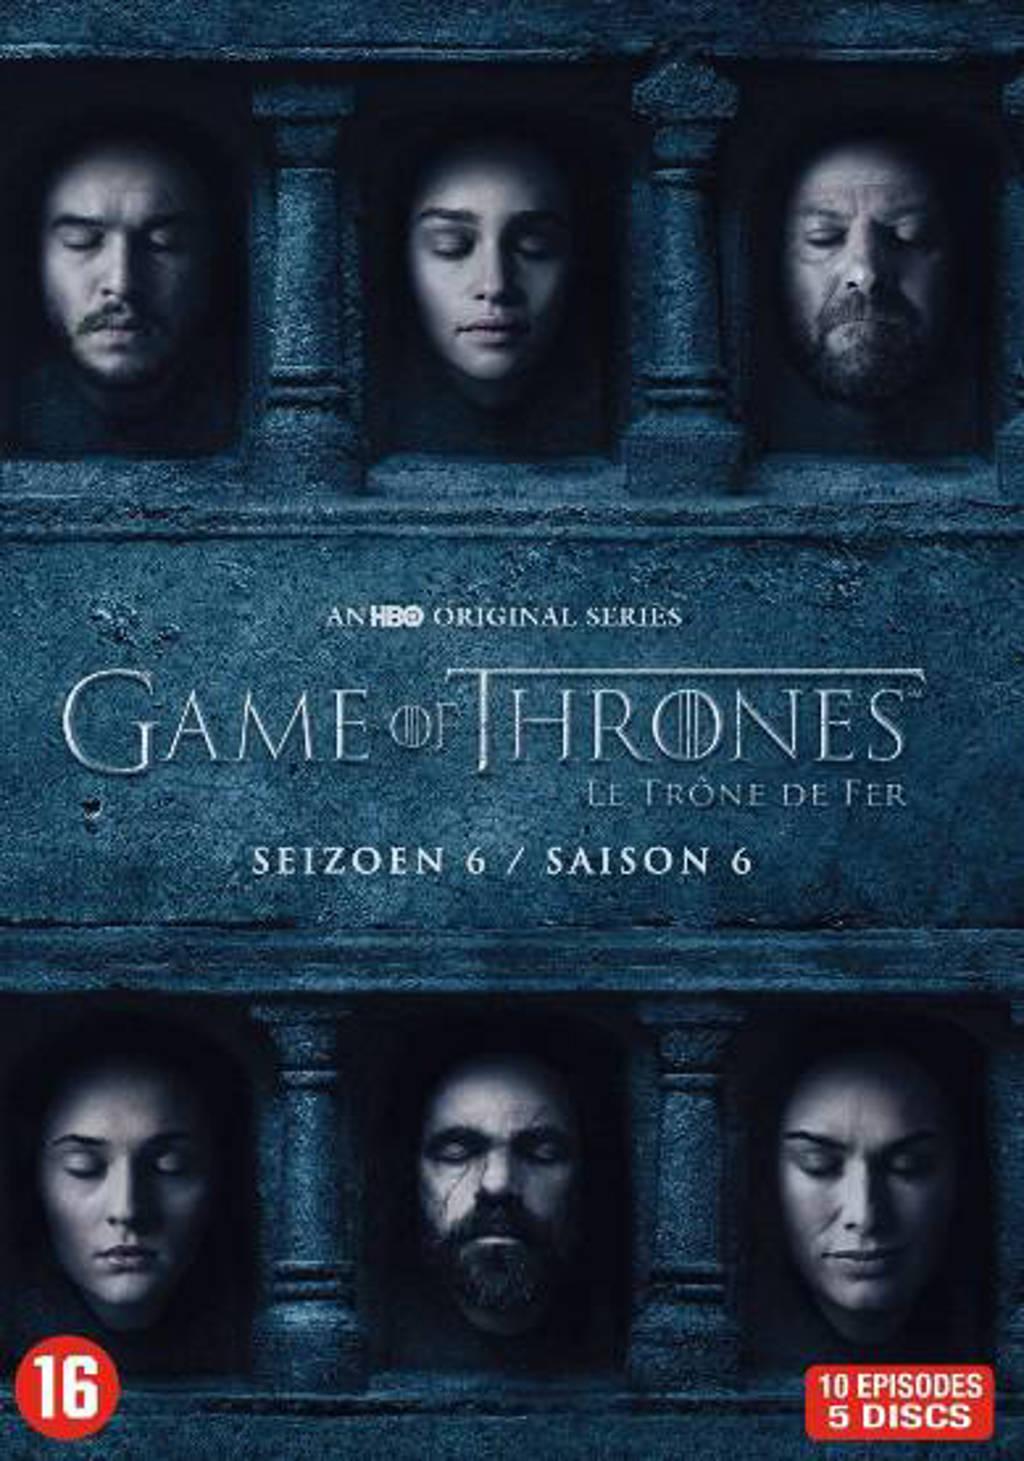 Game of thrones - Seizoen 6 (DVD)